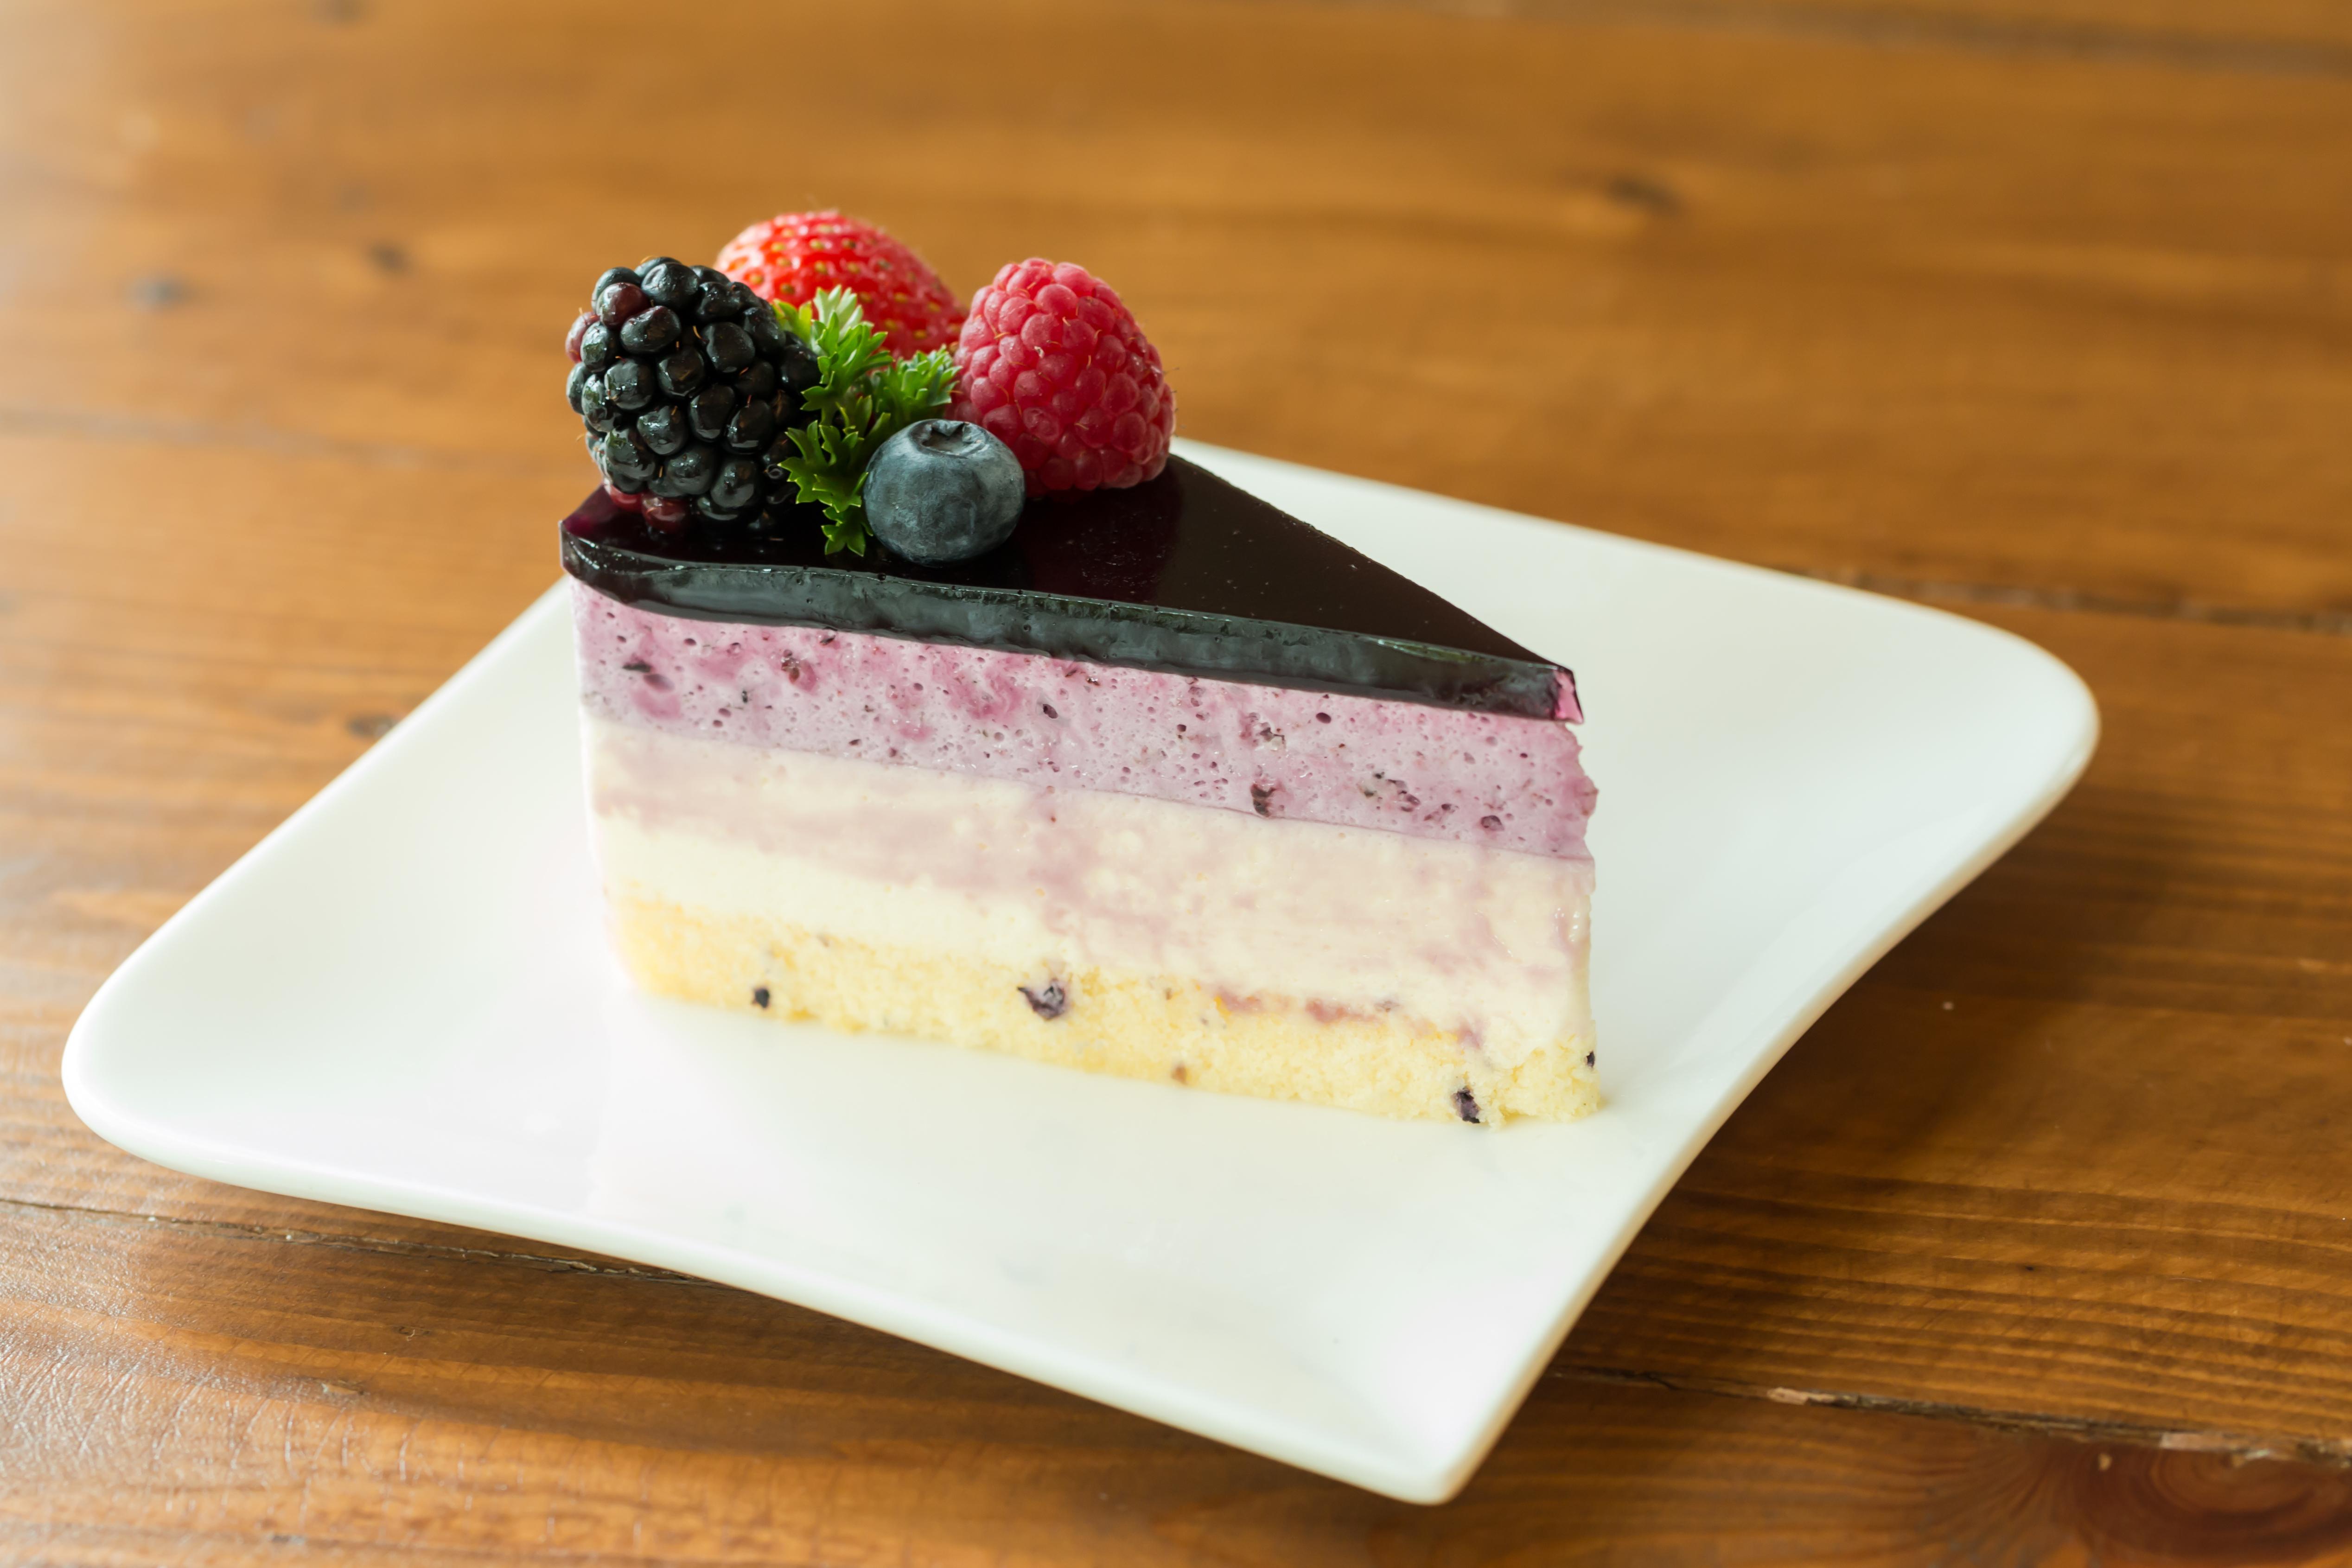 Фотографии Торты Кусок Десерт Еда Ягоды Тарелка 5073x3382 часть кусочки кусочек Пища тарелке Продукты питания